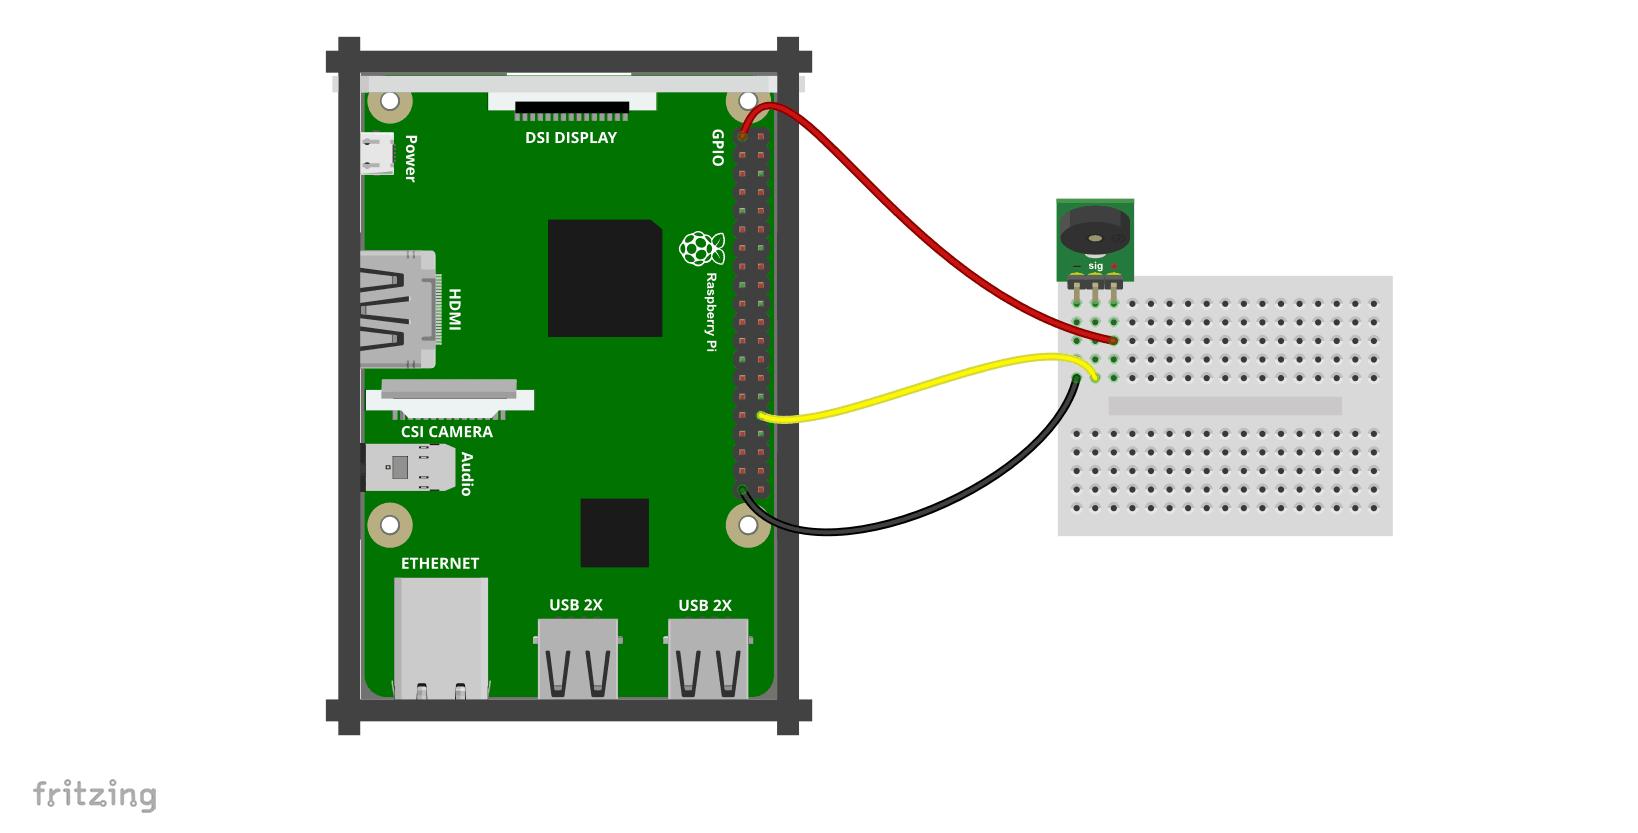 Kurs Raspberry Pi 12 Podstawy Gpio Skrypty Wiringpi Readall Schemat Podczenia Moduu Z Buzzerem